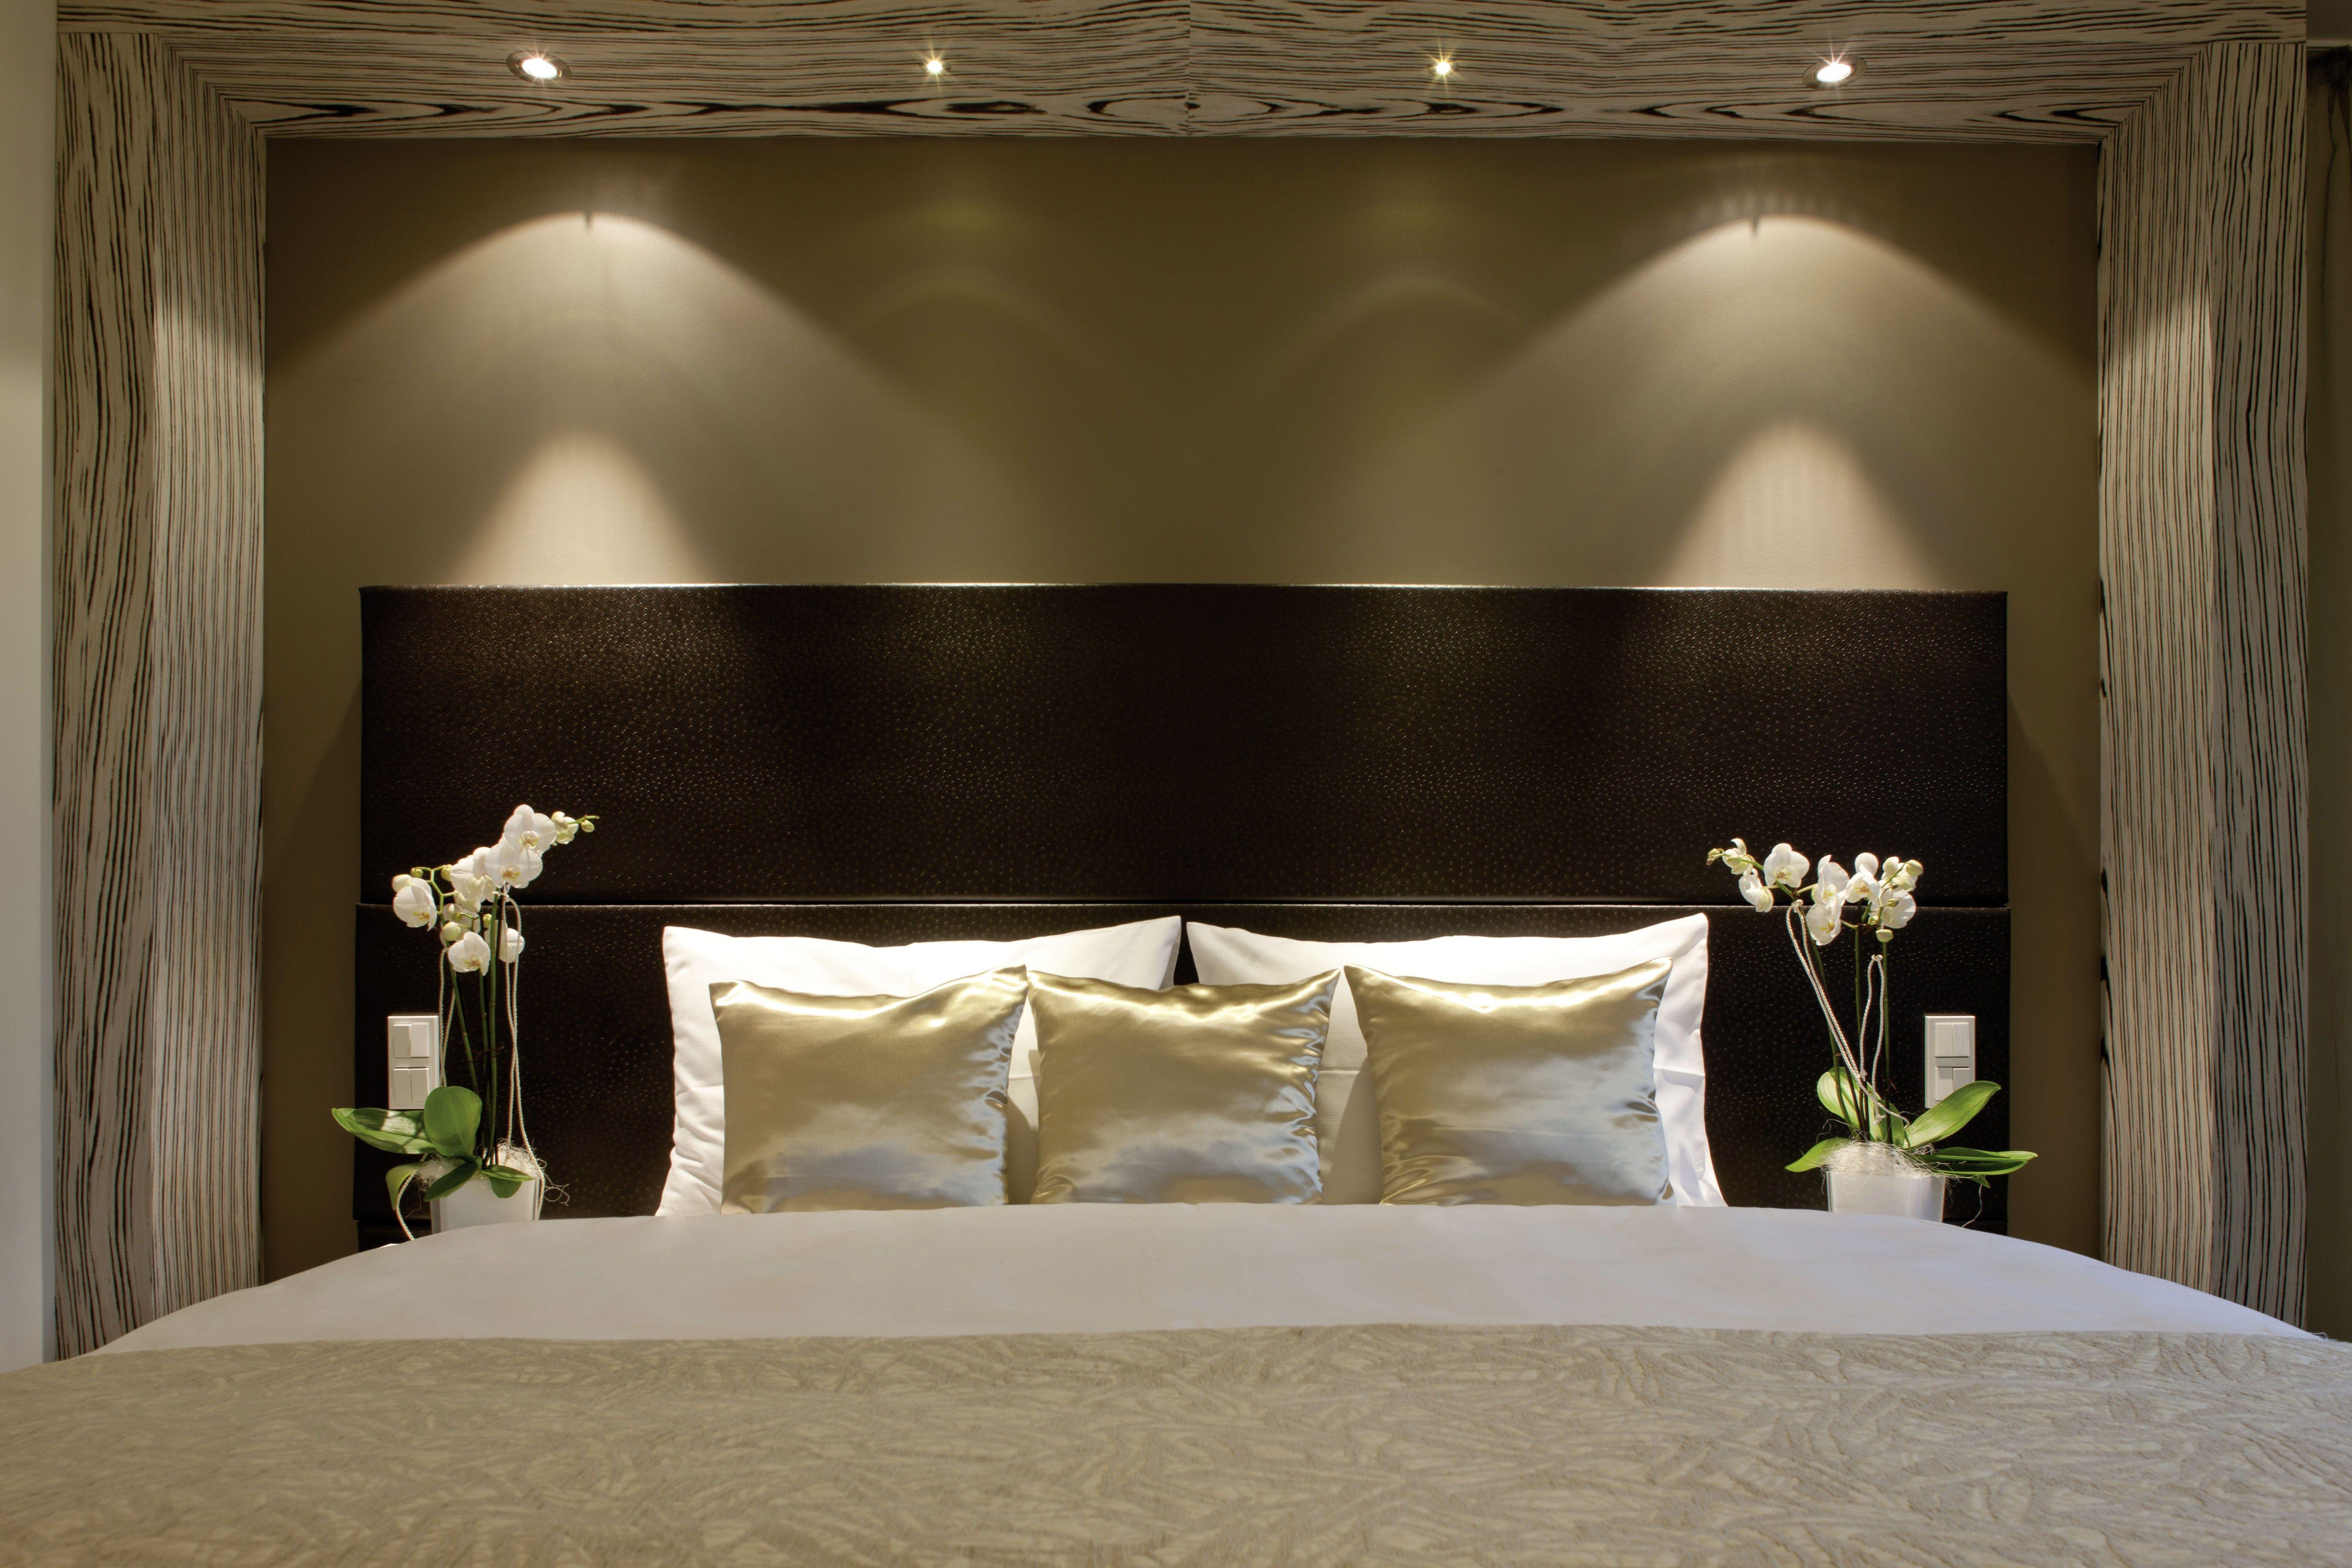 Bedroom Lighting Design  Home lighting design, Bedroom lighting